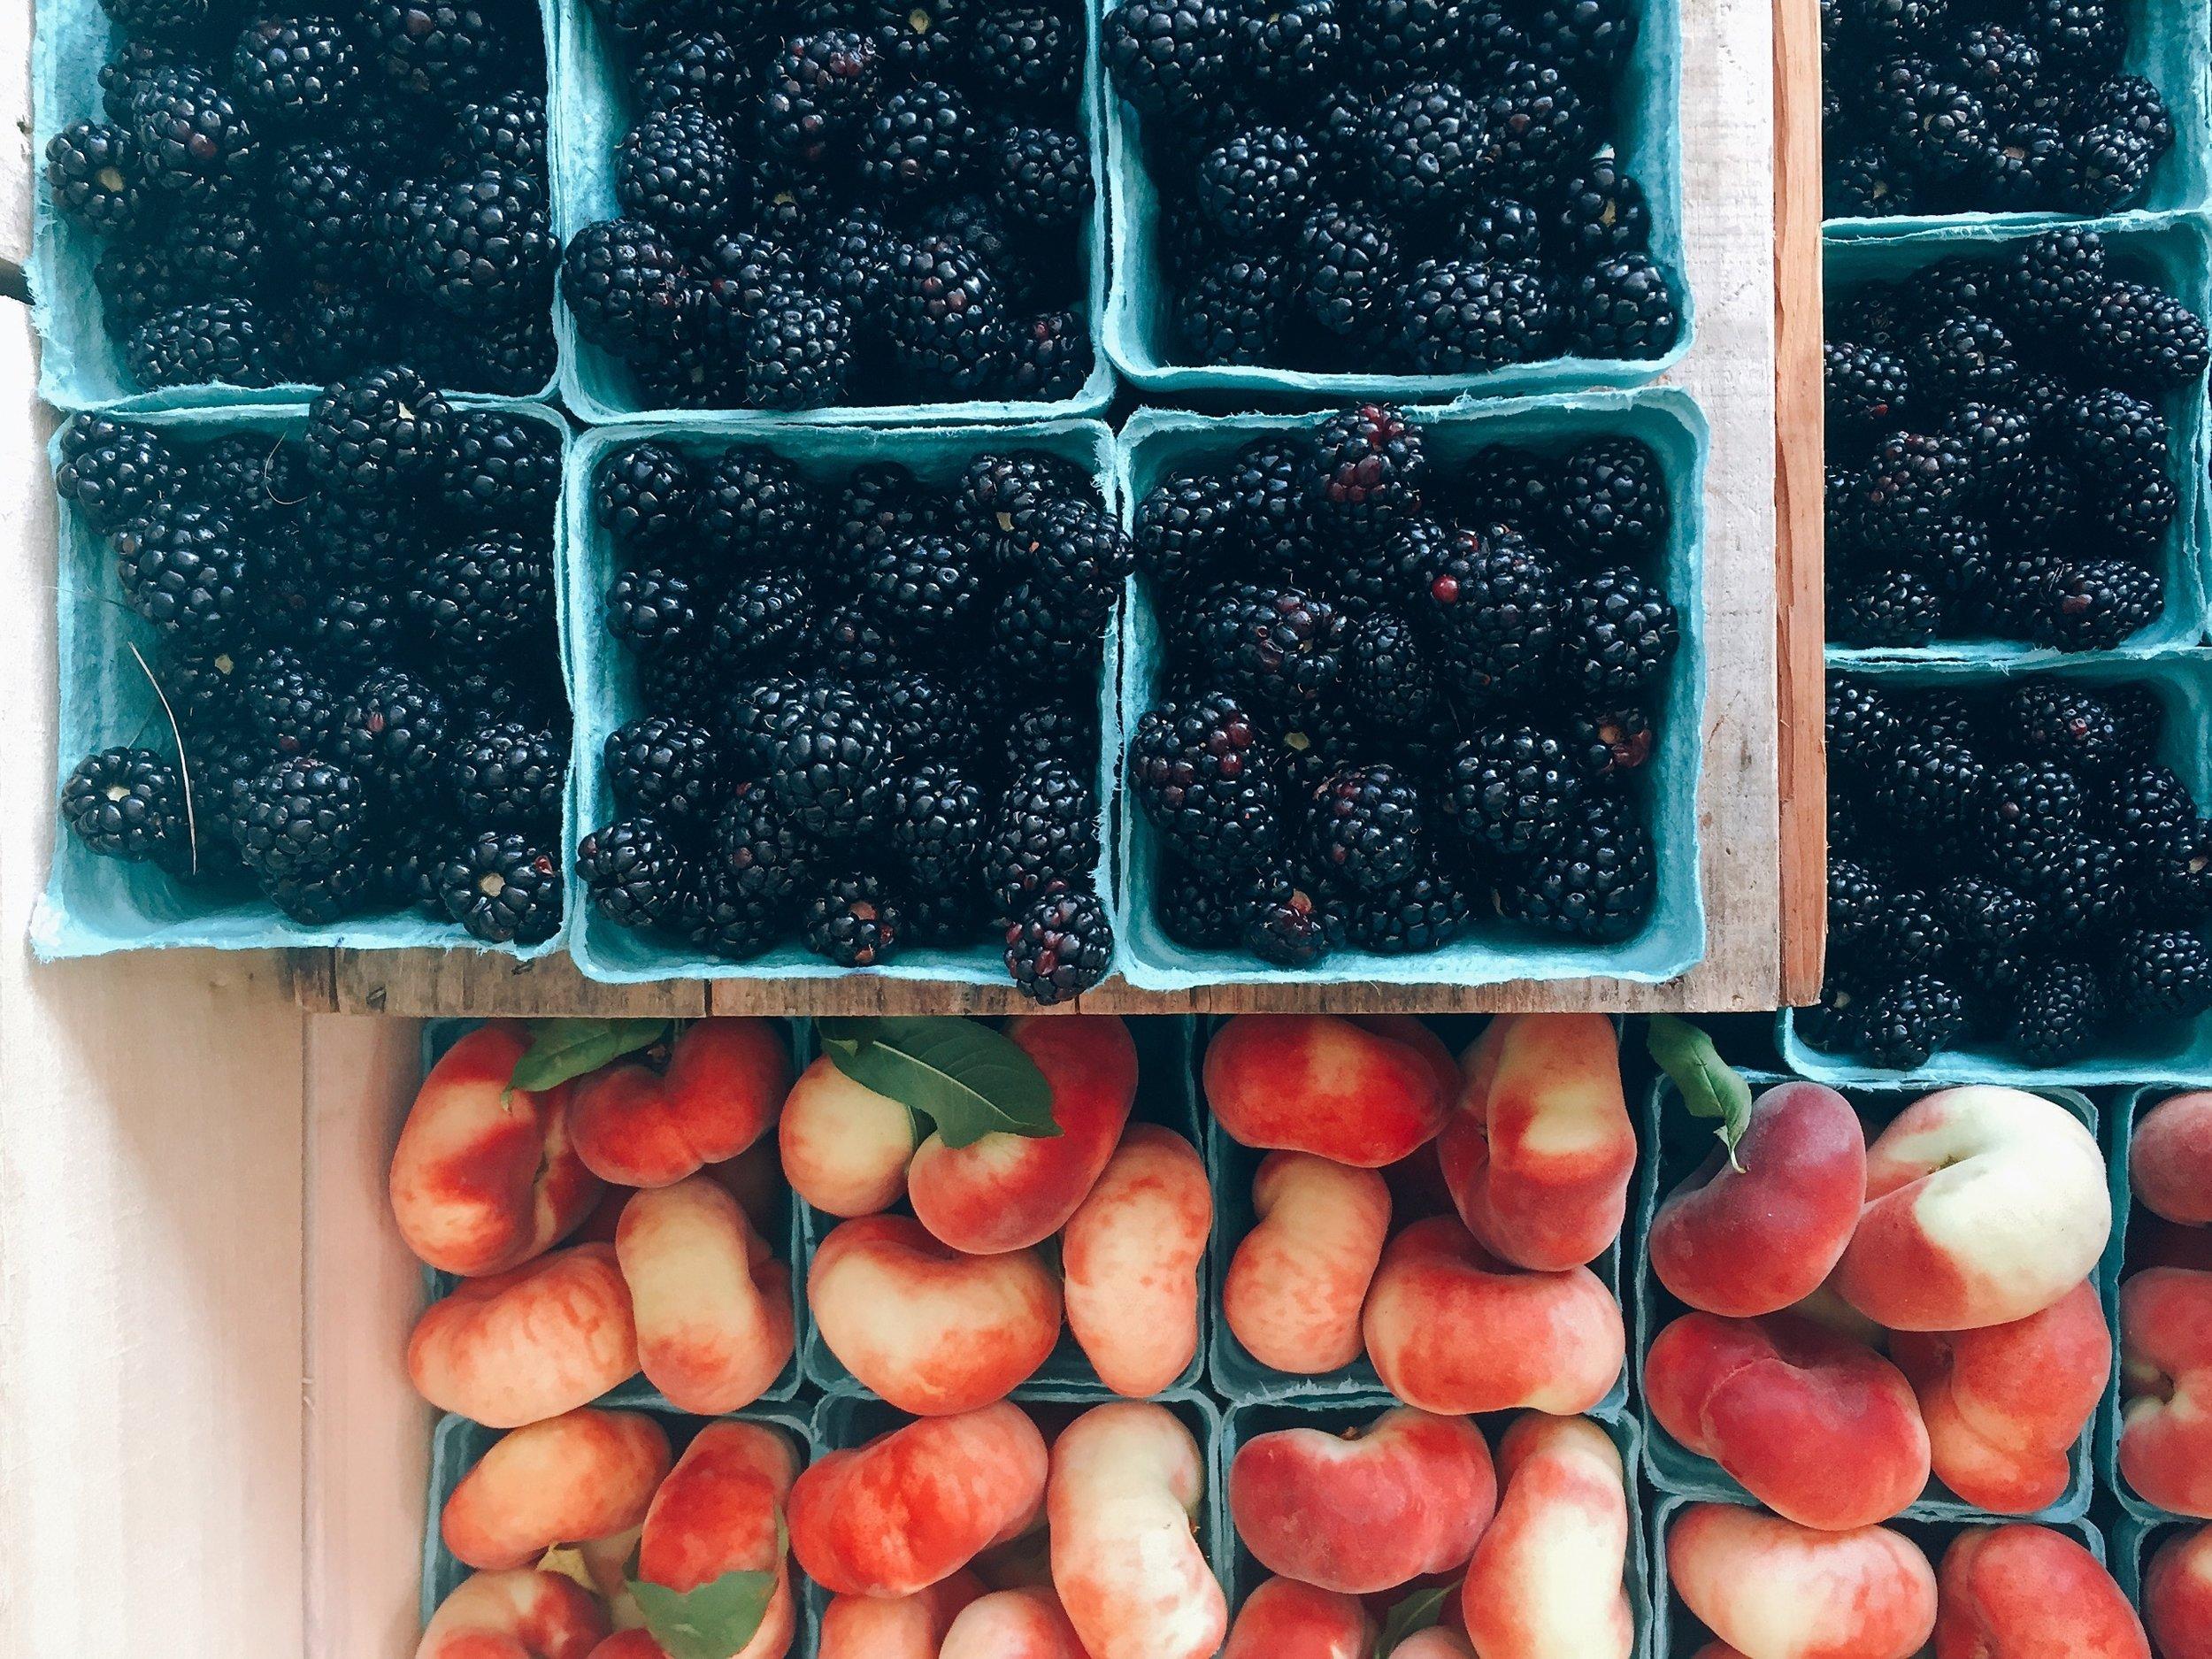 peaches and berries.JPG